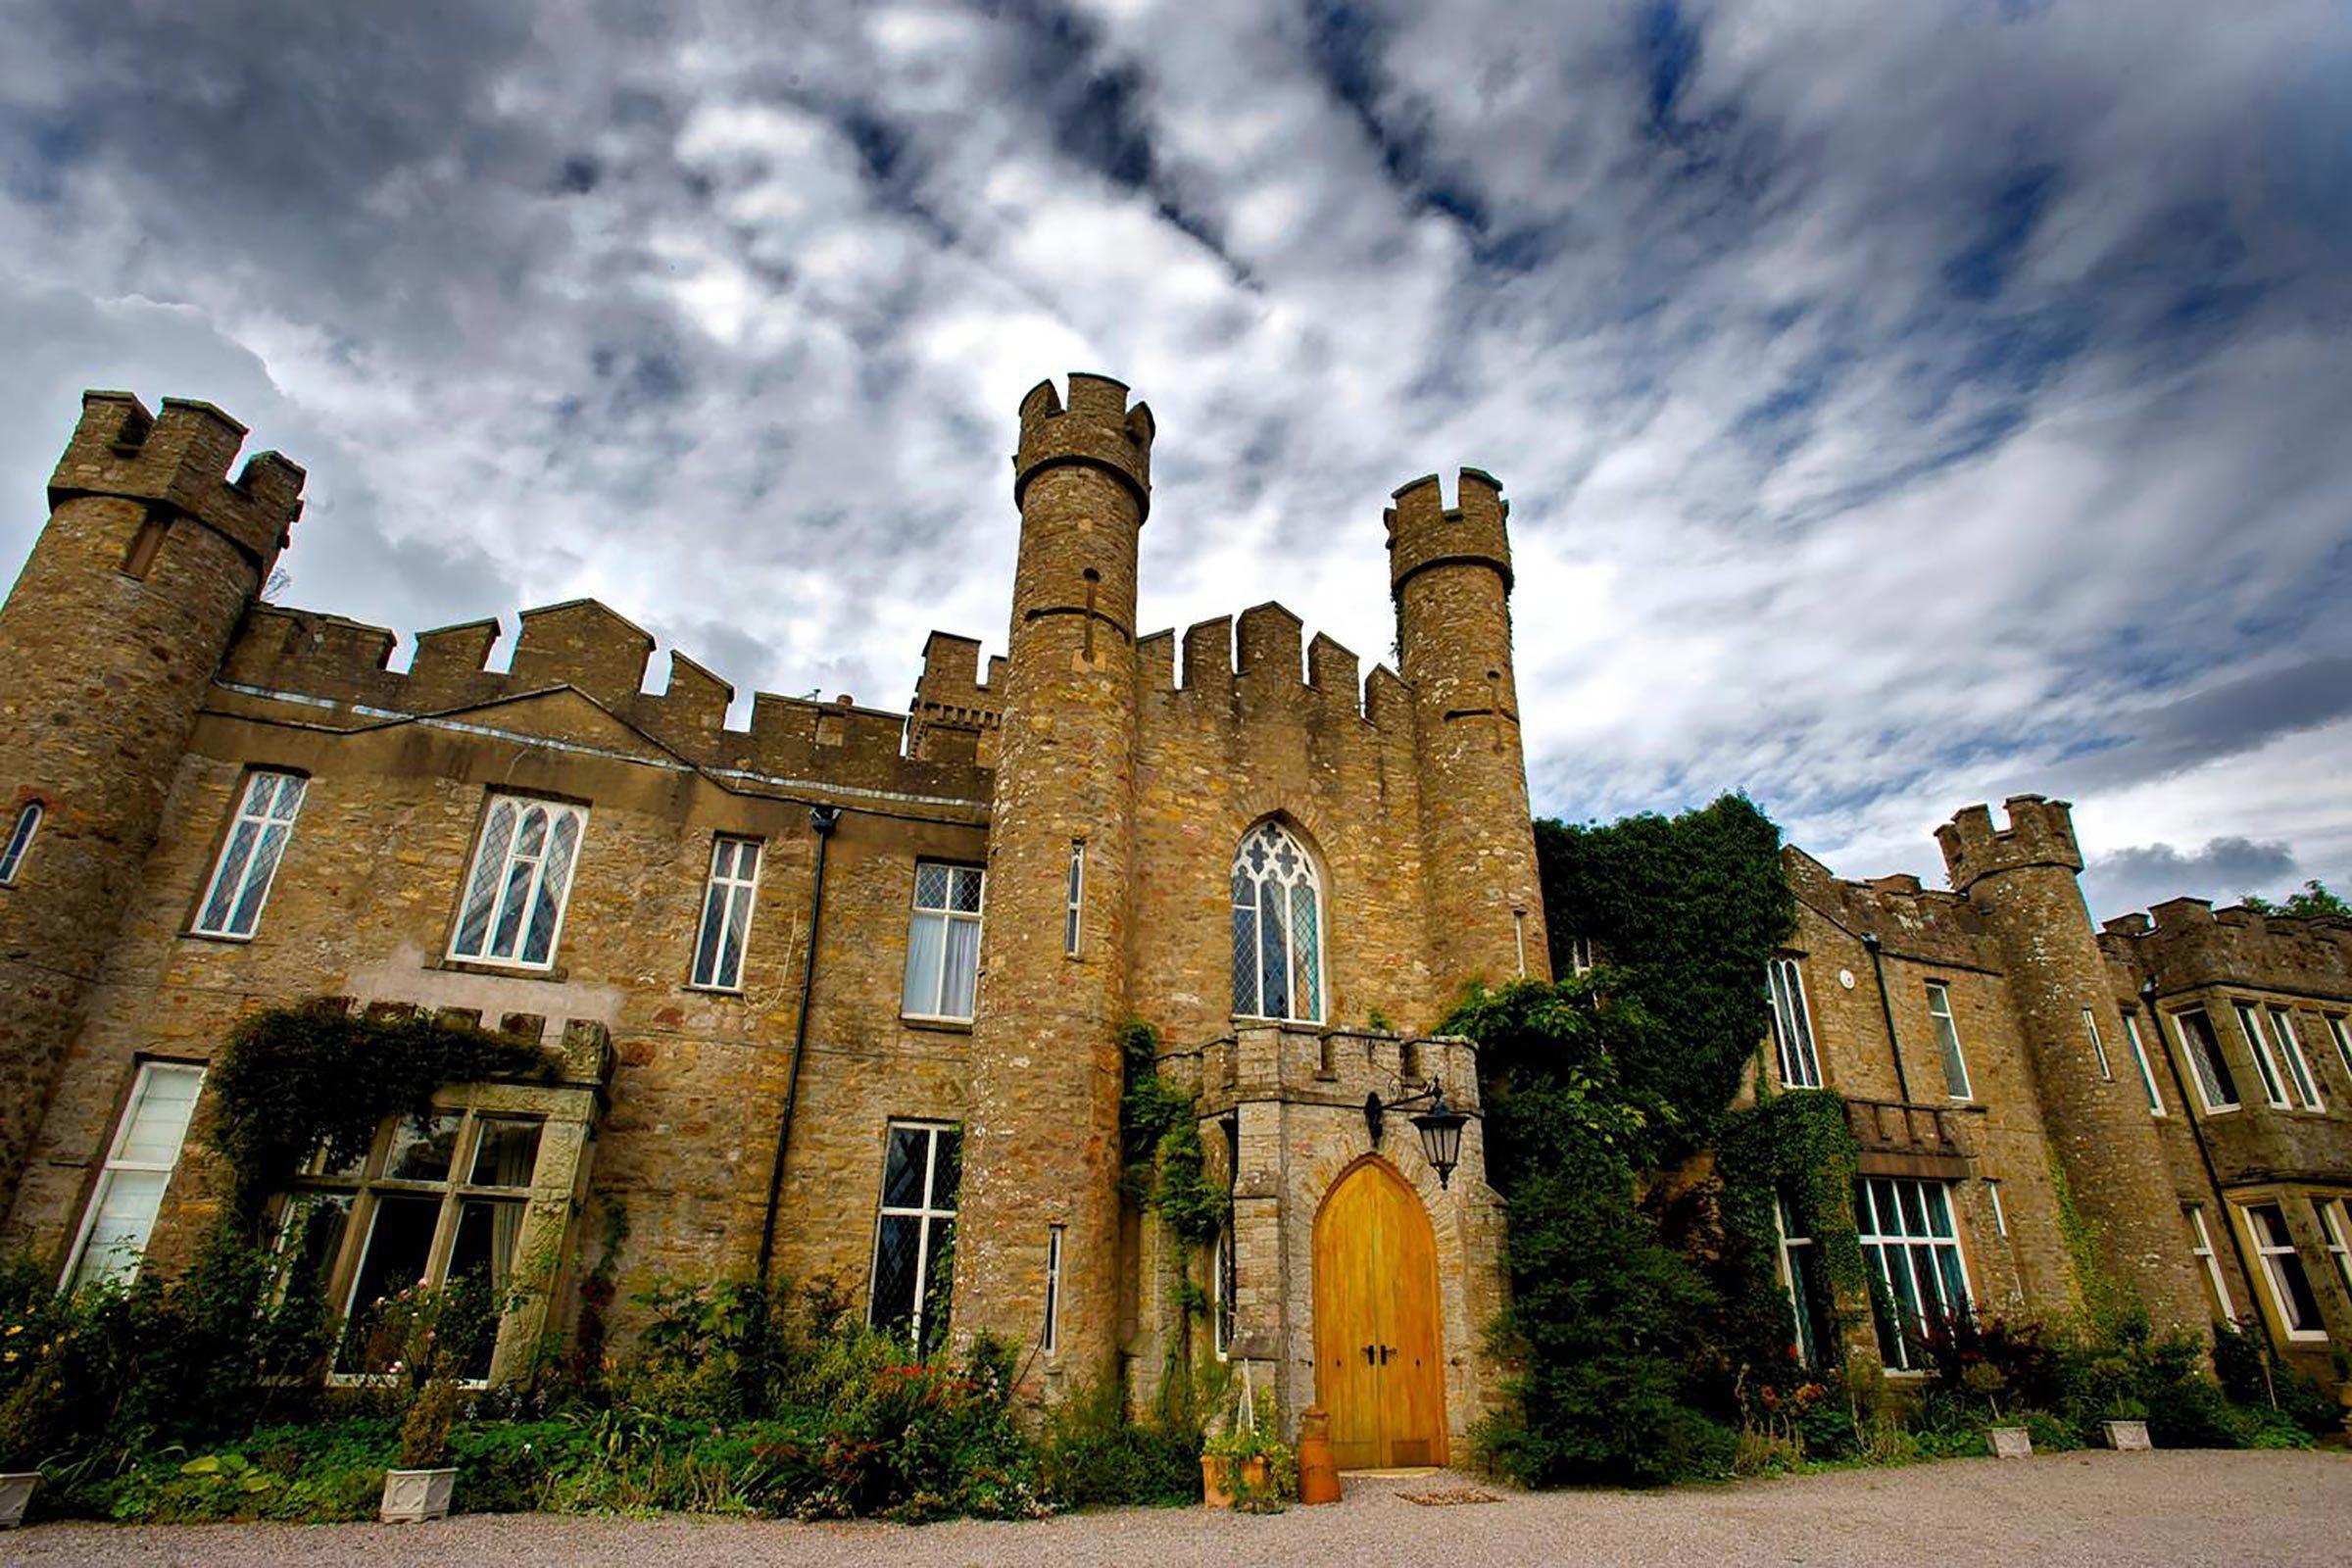 Destination historique : le château Cumbria, en Angleterre